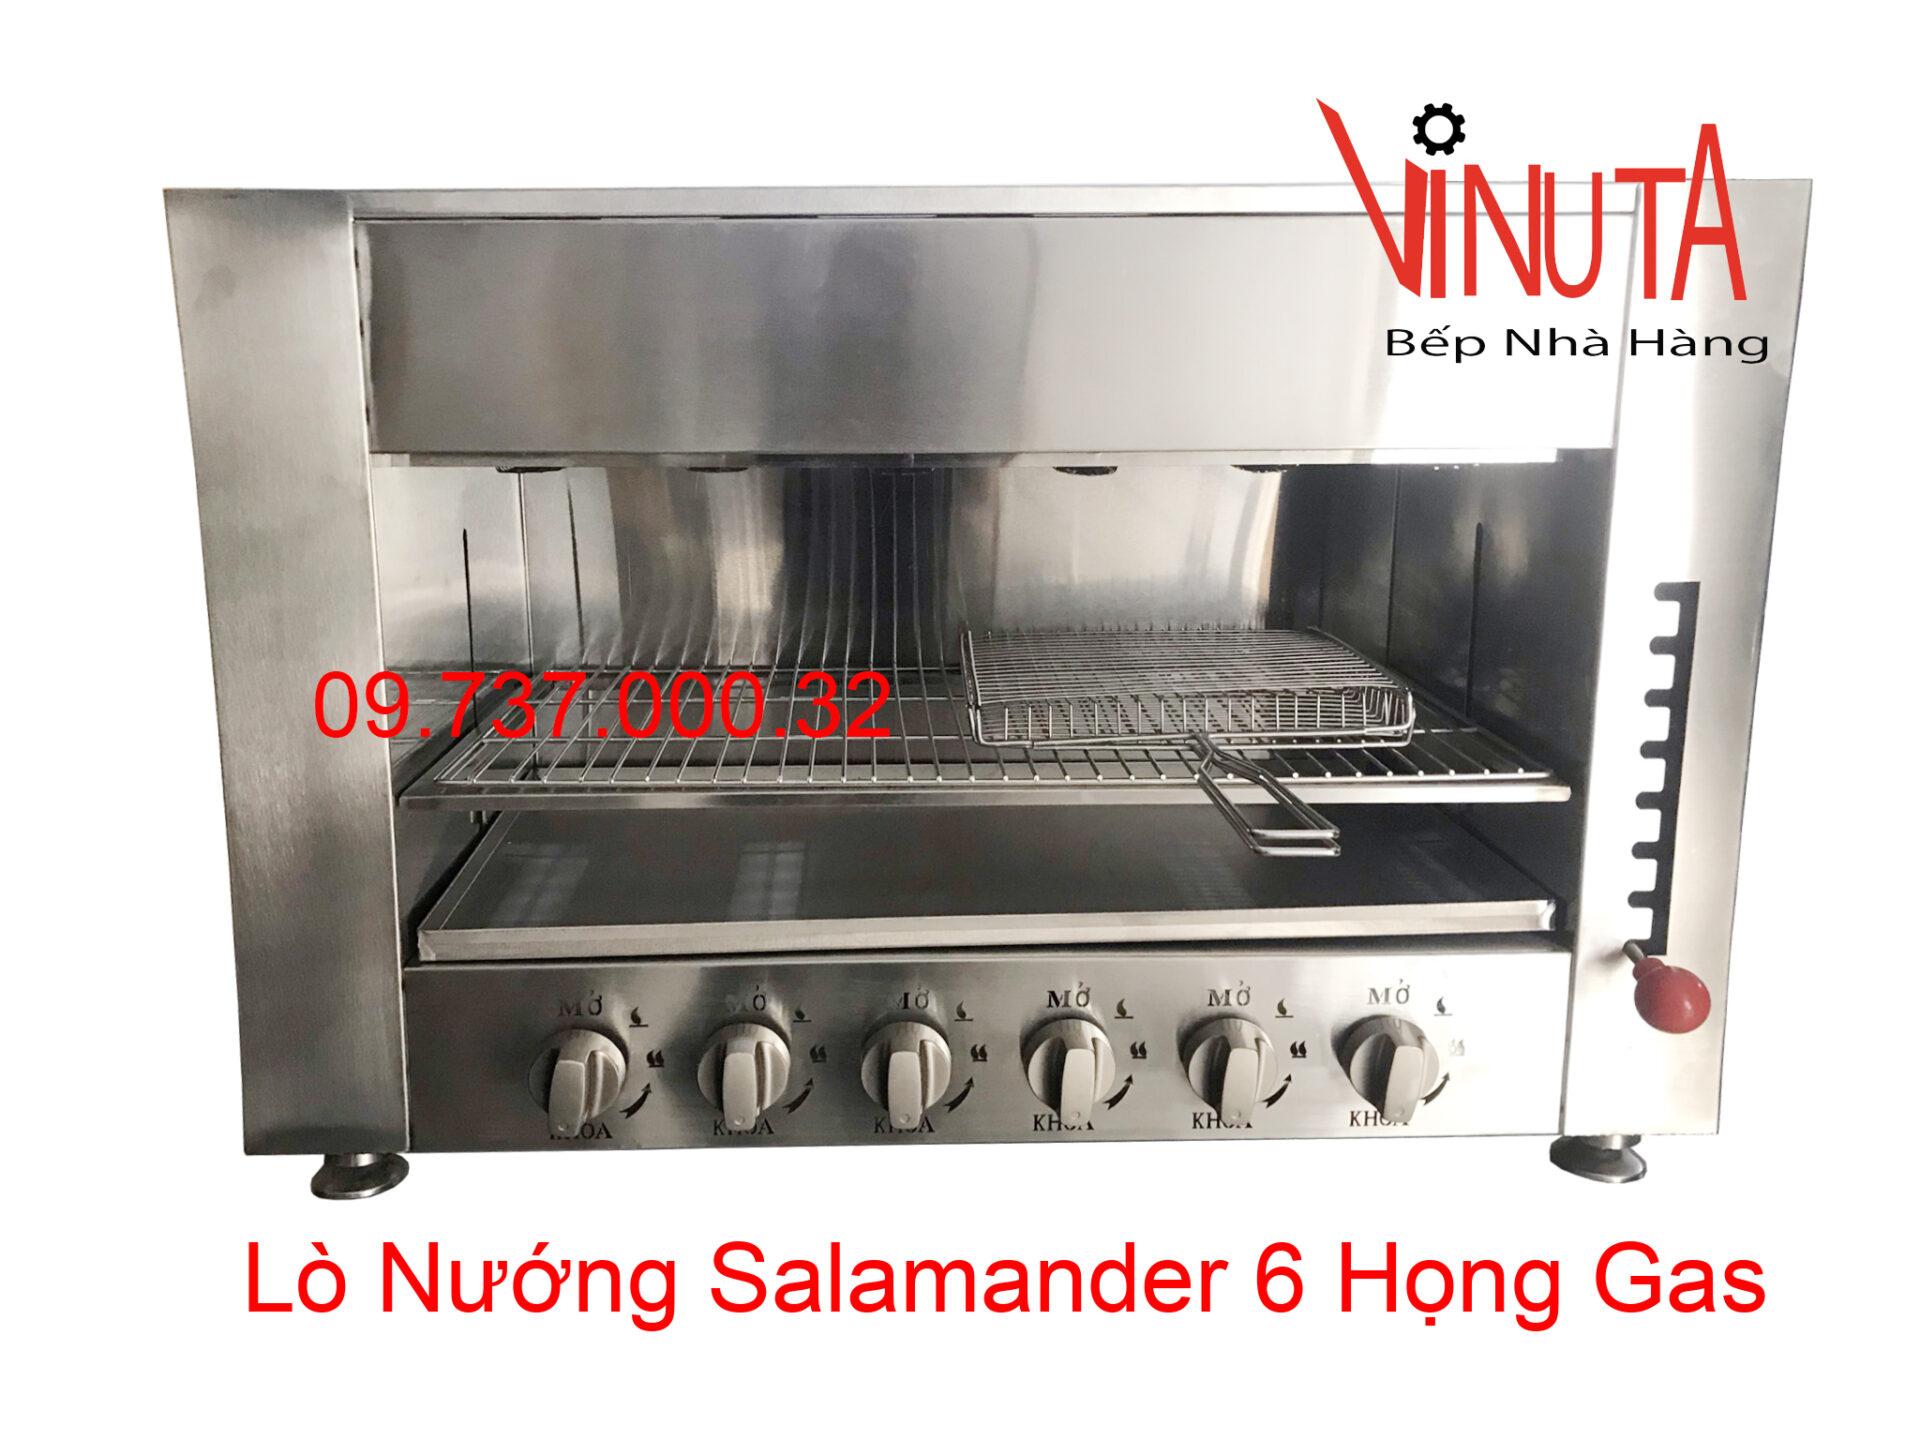 lò nướng salamander 6 họng gas | bếp nướng thịt bằng gas nhà hàng